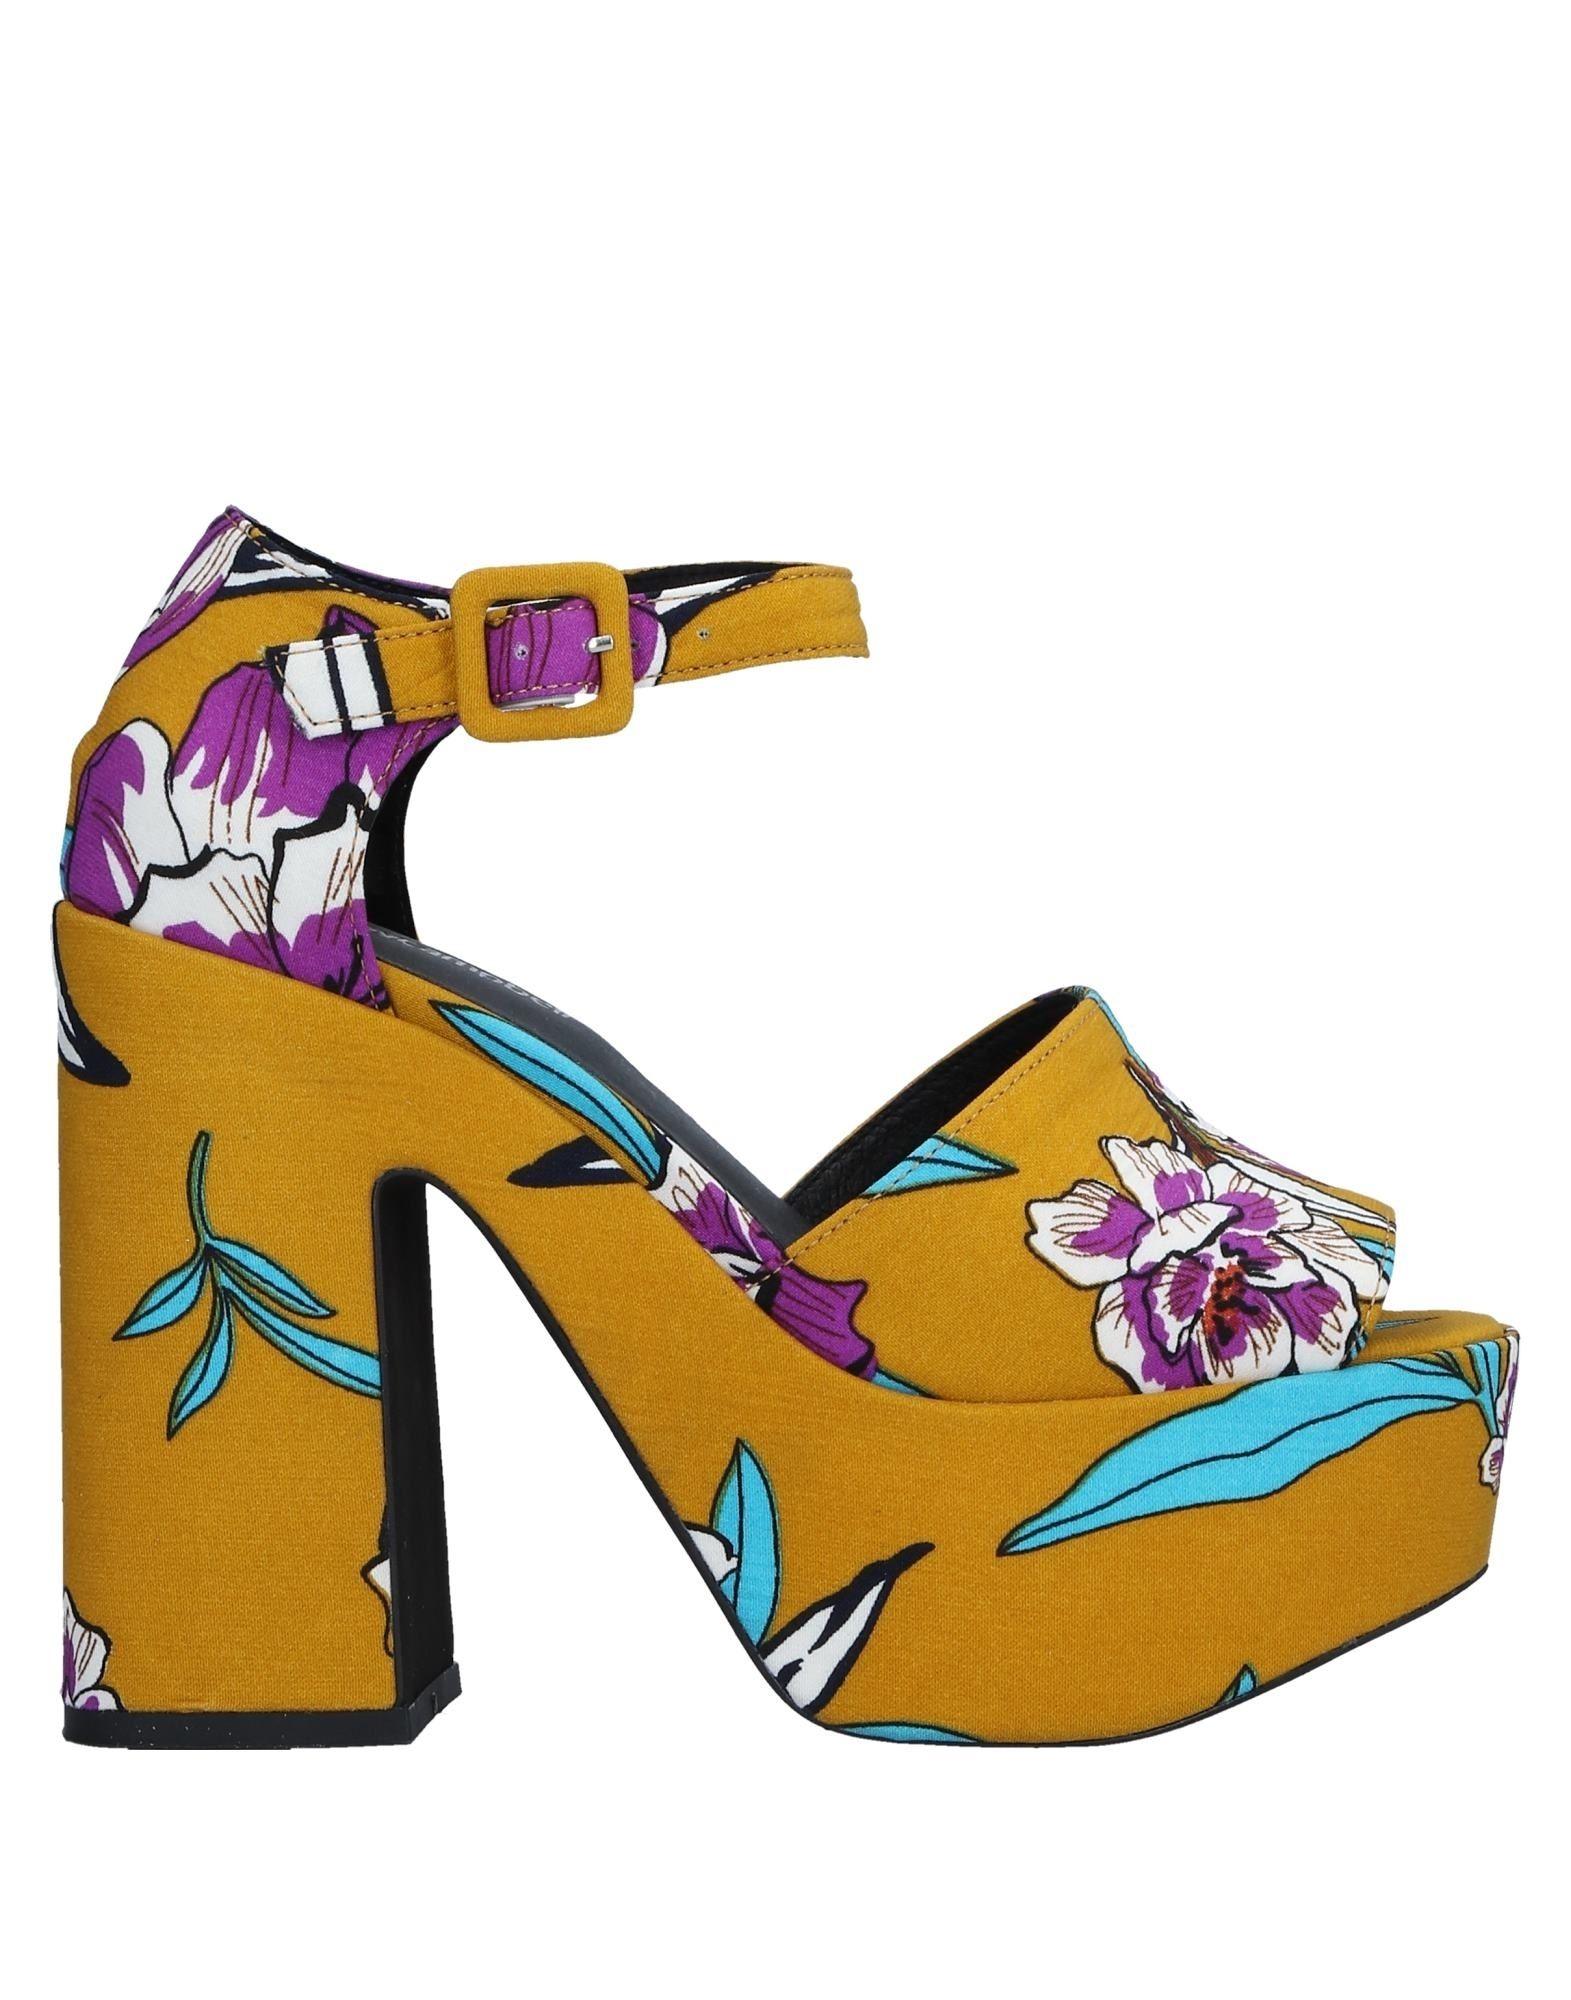 Jeffrey Campbell Sandalen Damen  11535024QT Gute Qualität beliebte Schuhe